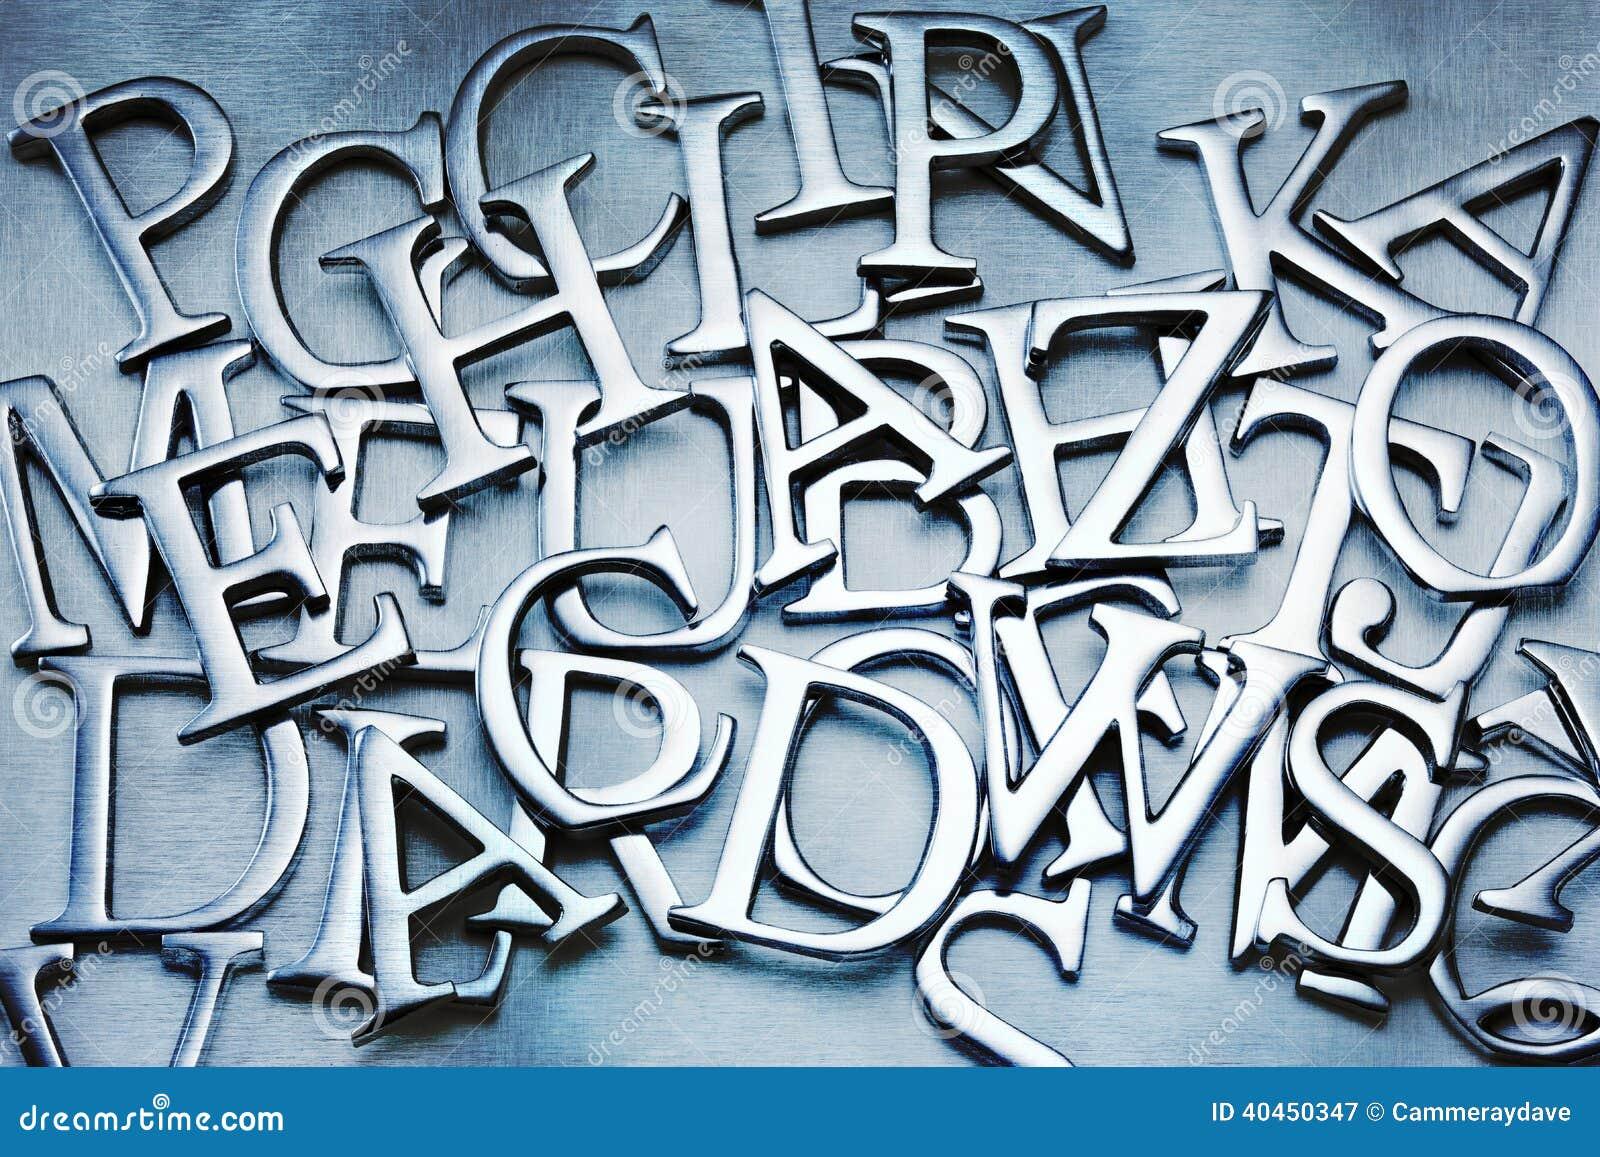 摘要在字母表背景上写字